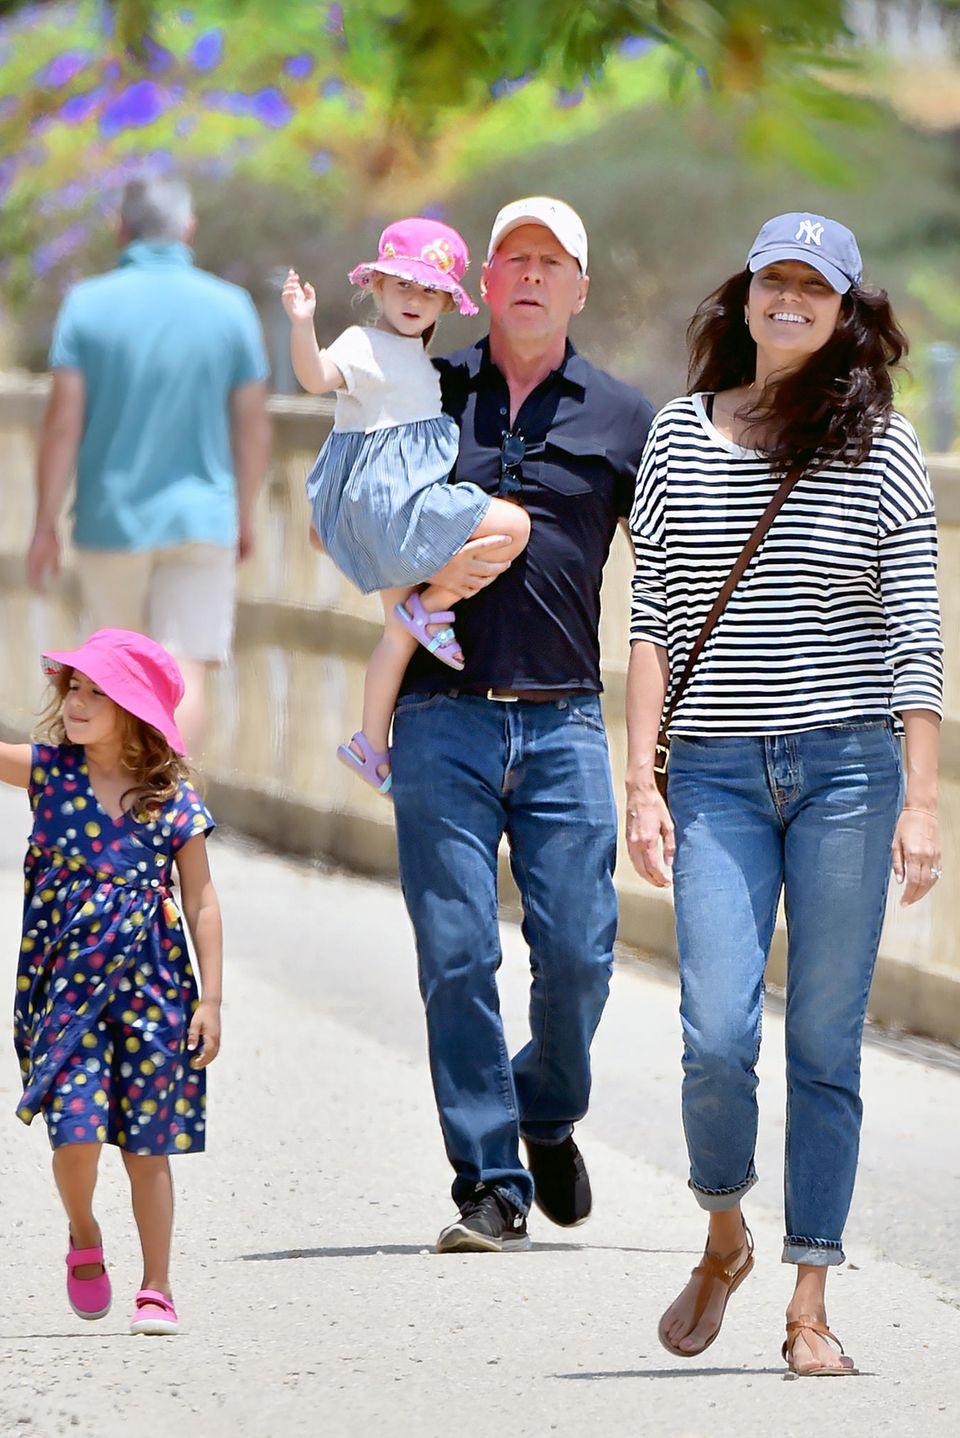 26. Juni 2017  Daddy Cool: Mit seinen Töchtern Mabel und Evelyn und seiner Frau Emma Heming macht Bruce Willis einen Ausflug in den Streichelzoo von Santa Monica.